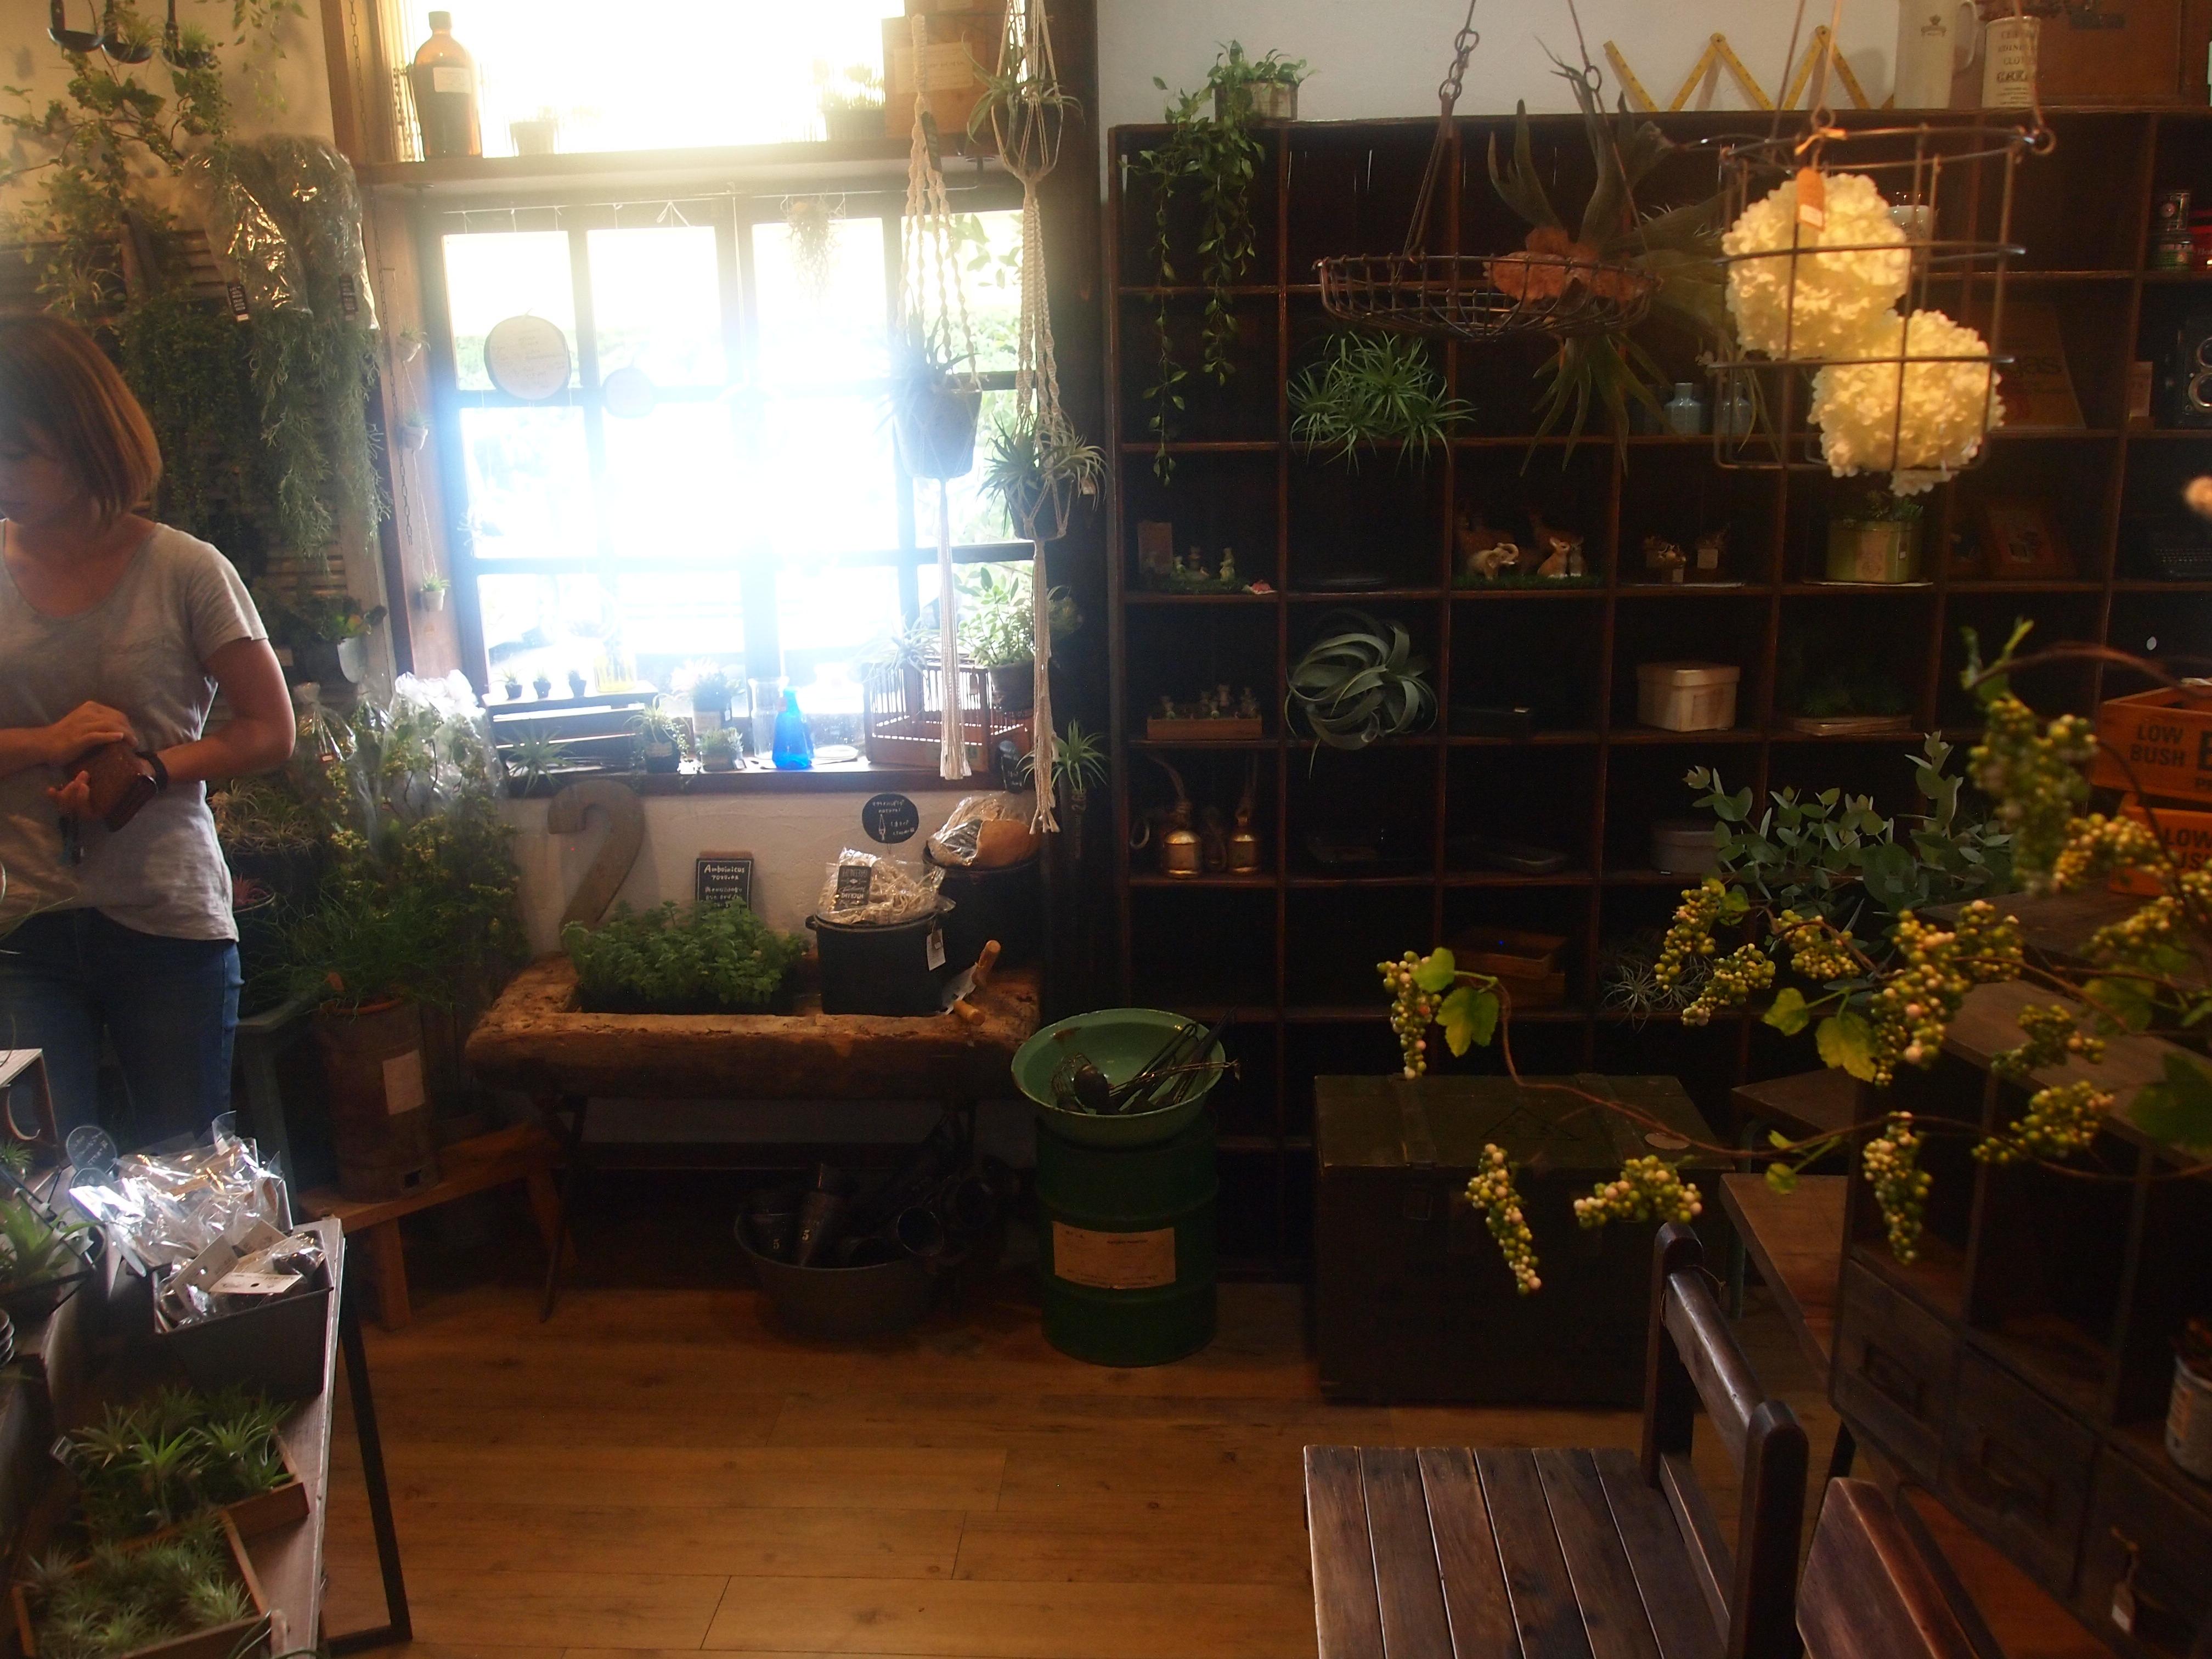 やわらかい陽が差し込む店内は、自然とリラックスできる雰囲気。